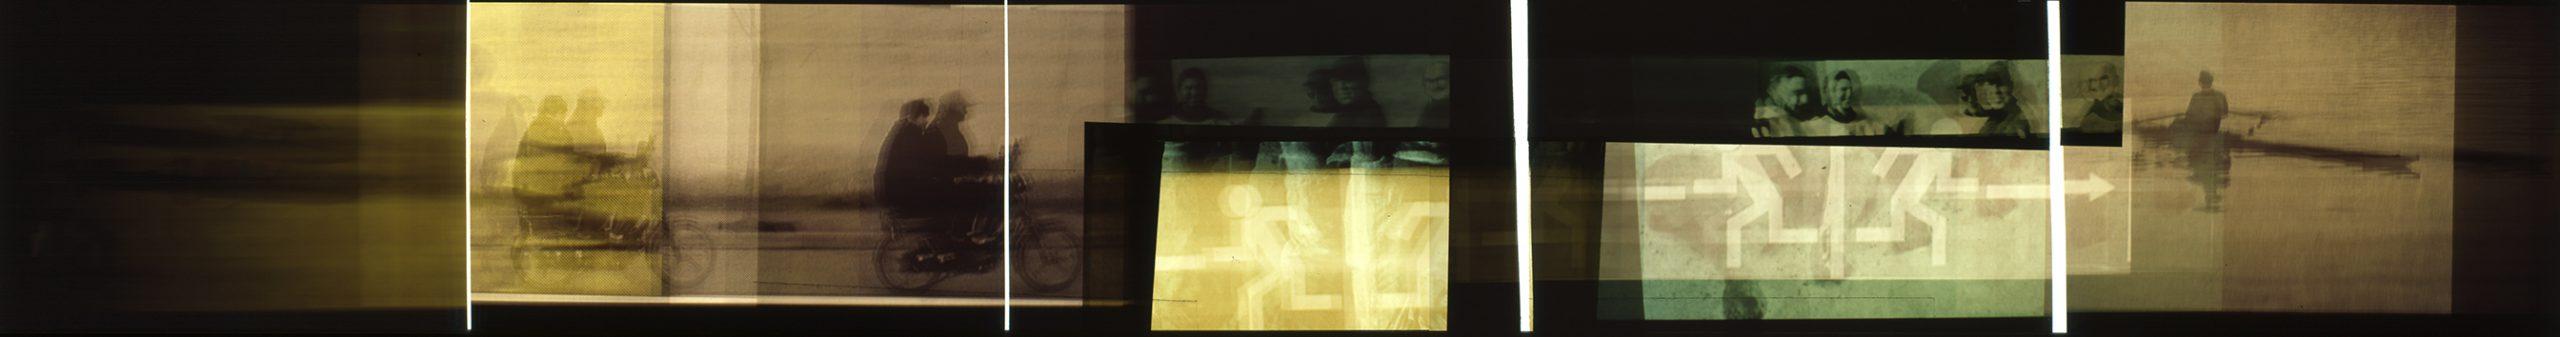 Fotografische Bildsequenz fünfteilig